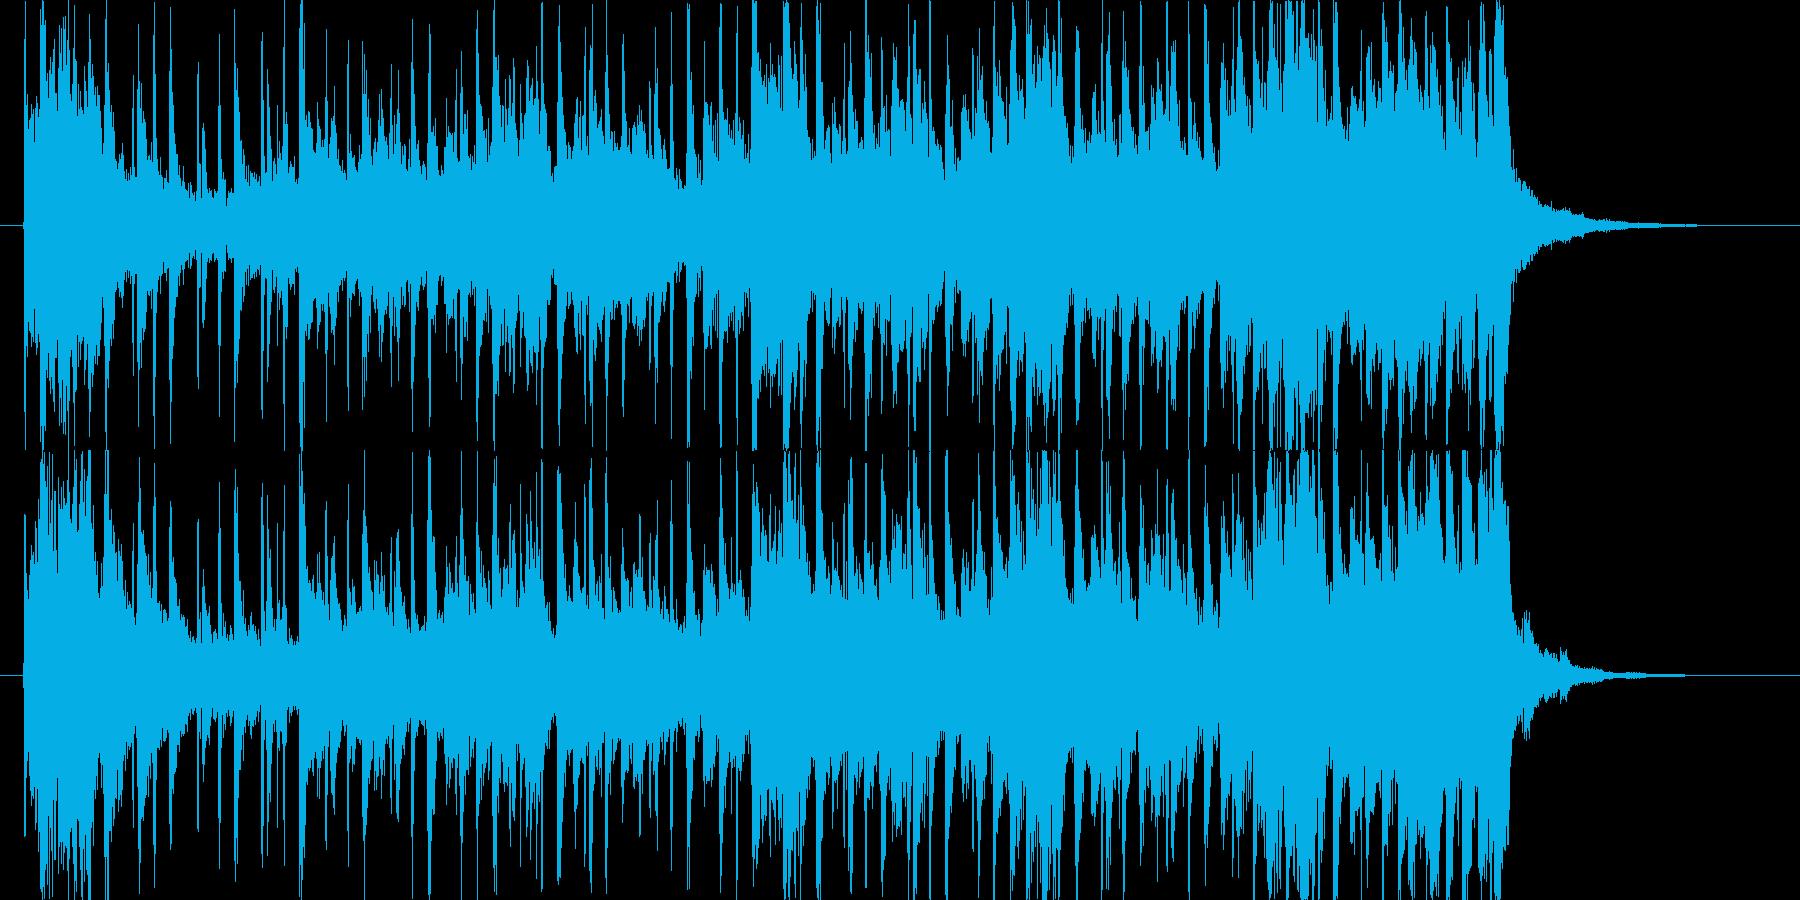 軽快な雰囲気のポップスの再生済みの波形